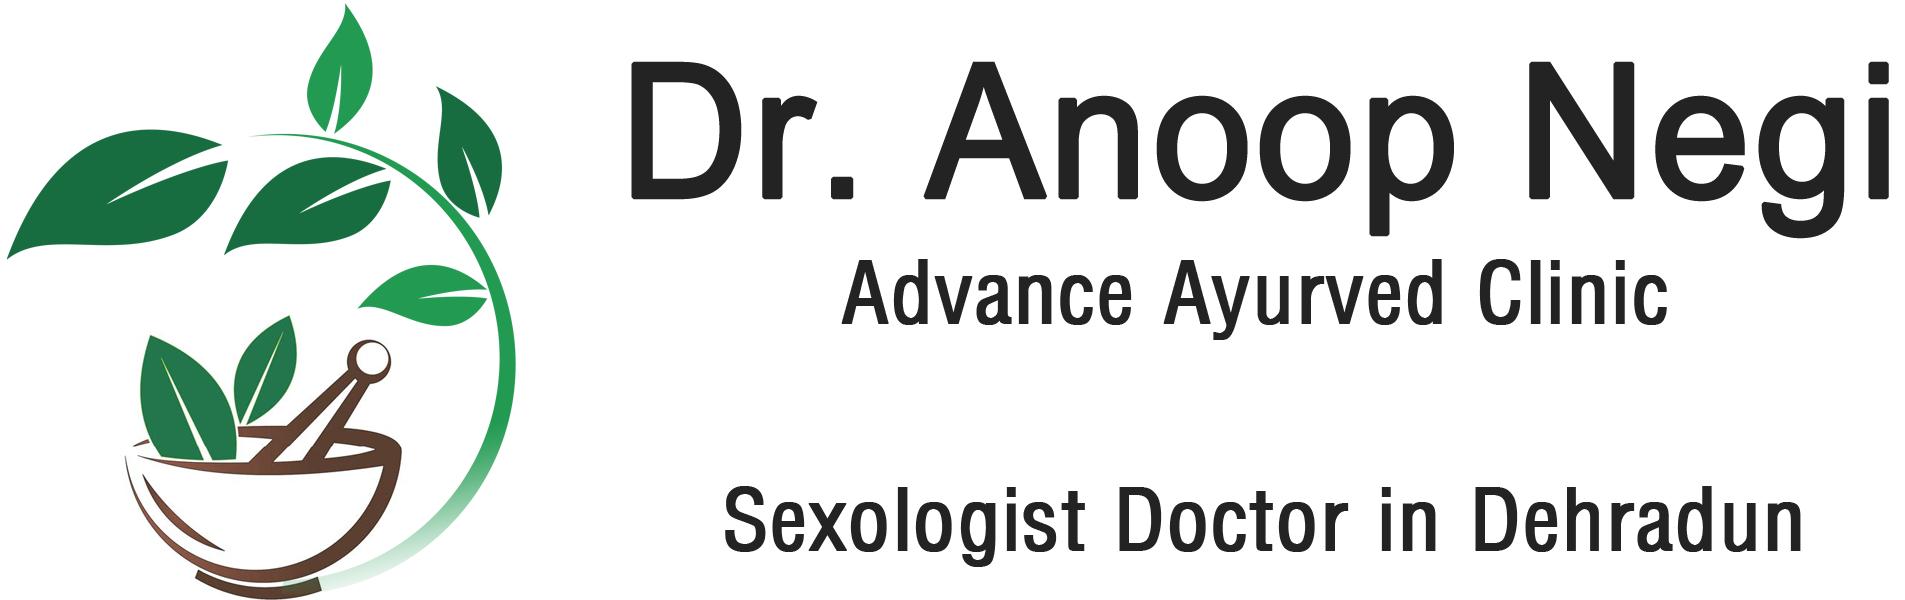 Dr Anoop Negi